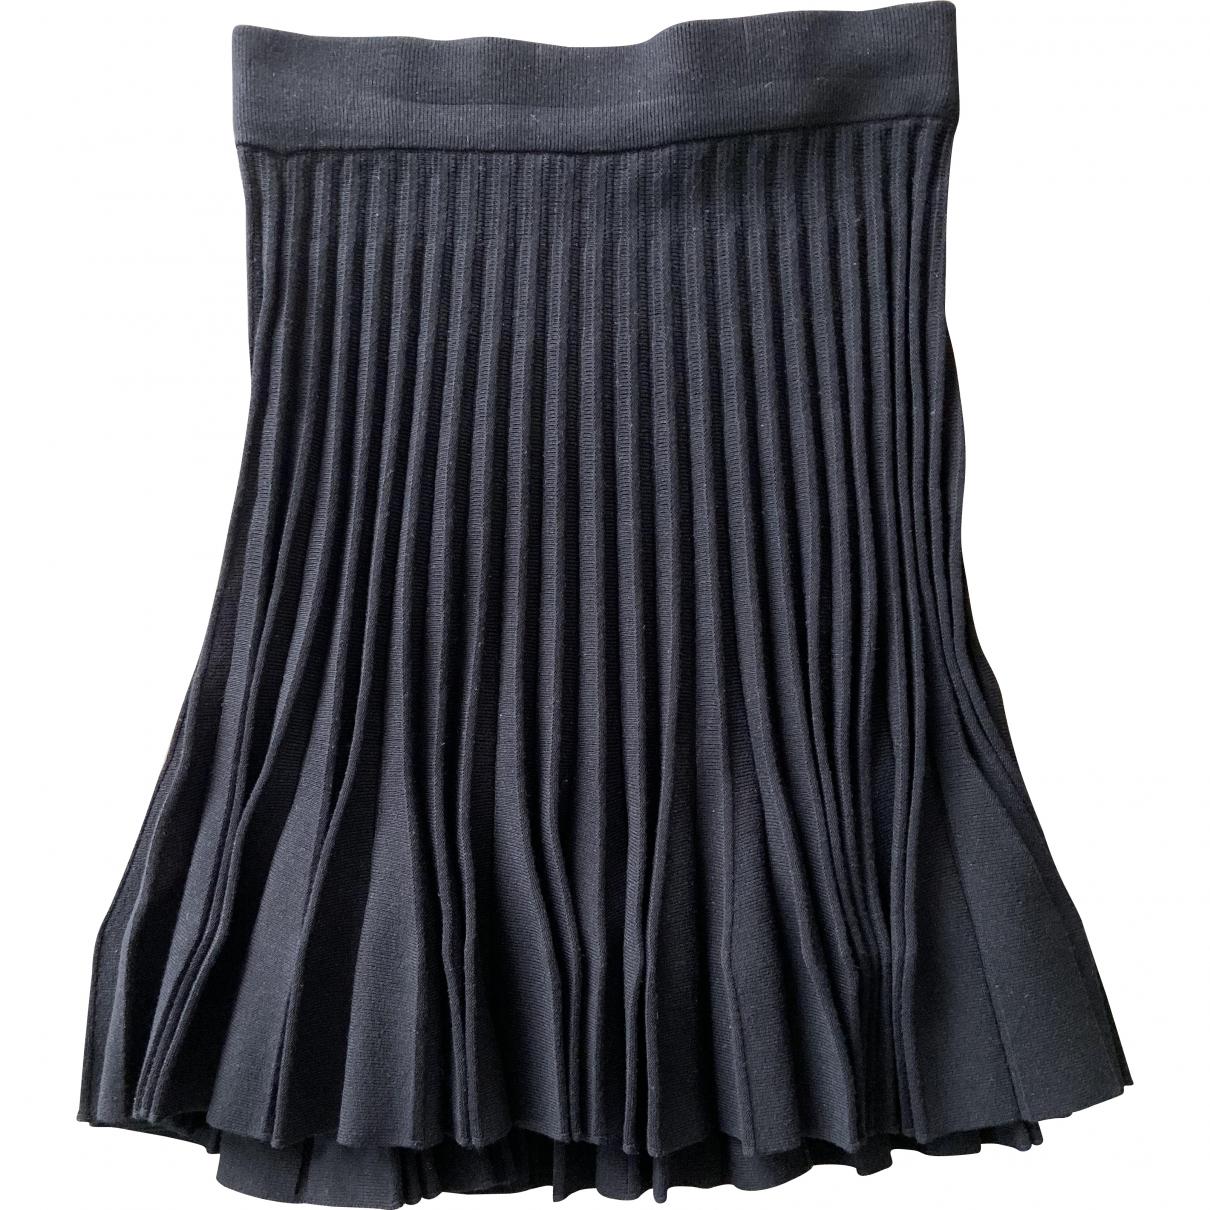 Claudie Pierlot \N Black skirt for Women 38 FR